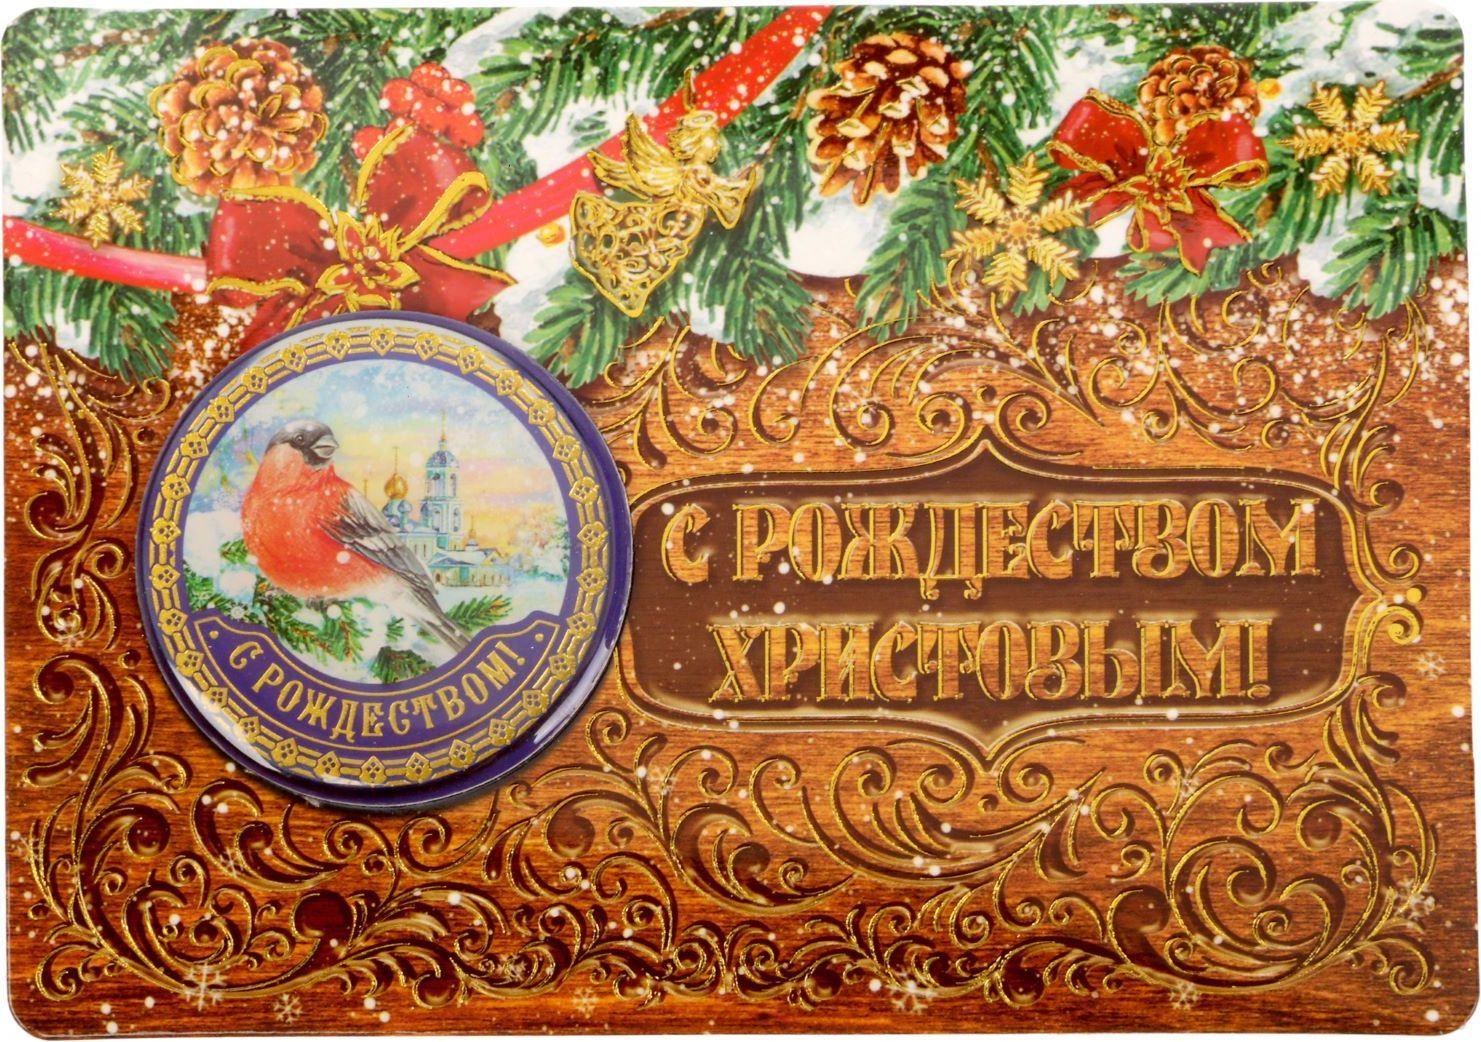 Магнит Sima-land Снегирь, с открыткой, 14,8 х 10,5 см1427309Порадуйте родных и близких оригинальным сувениром: преподнесите в подарок магнит. С ним даже самый серьёзный человек почувствует себя ребёнком, ожидающим чудо! Создайте праздничное настроение, и оно останется с вами на весь год.